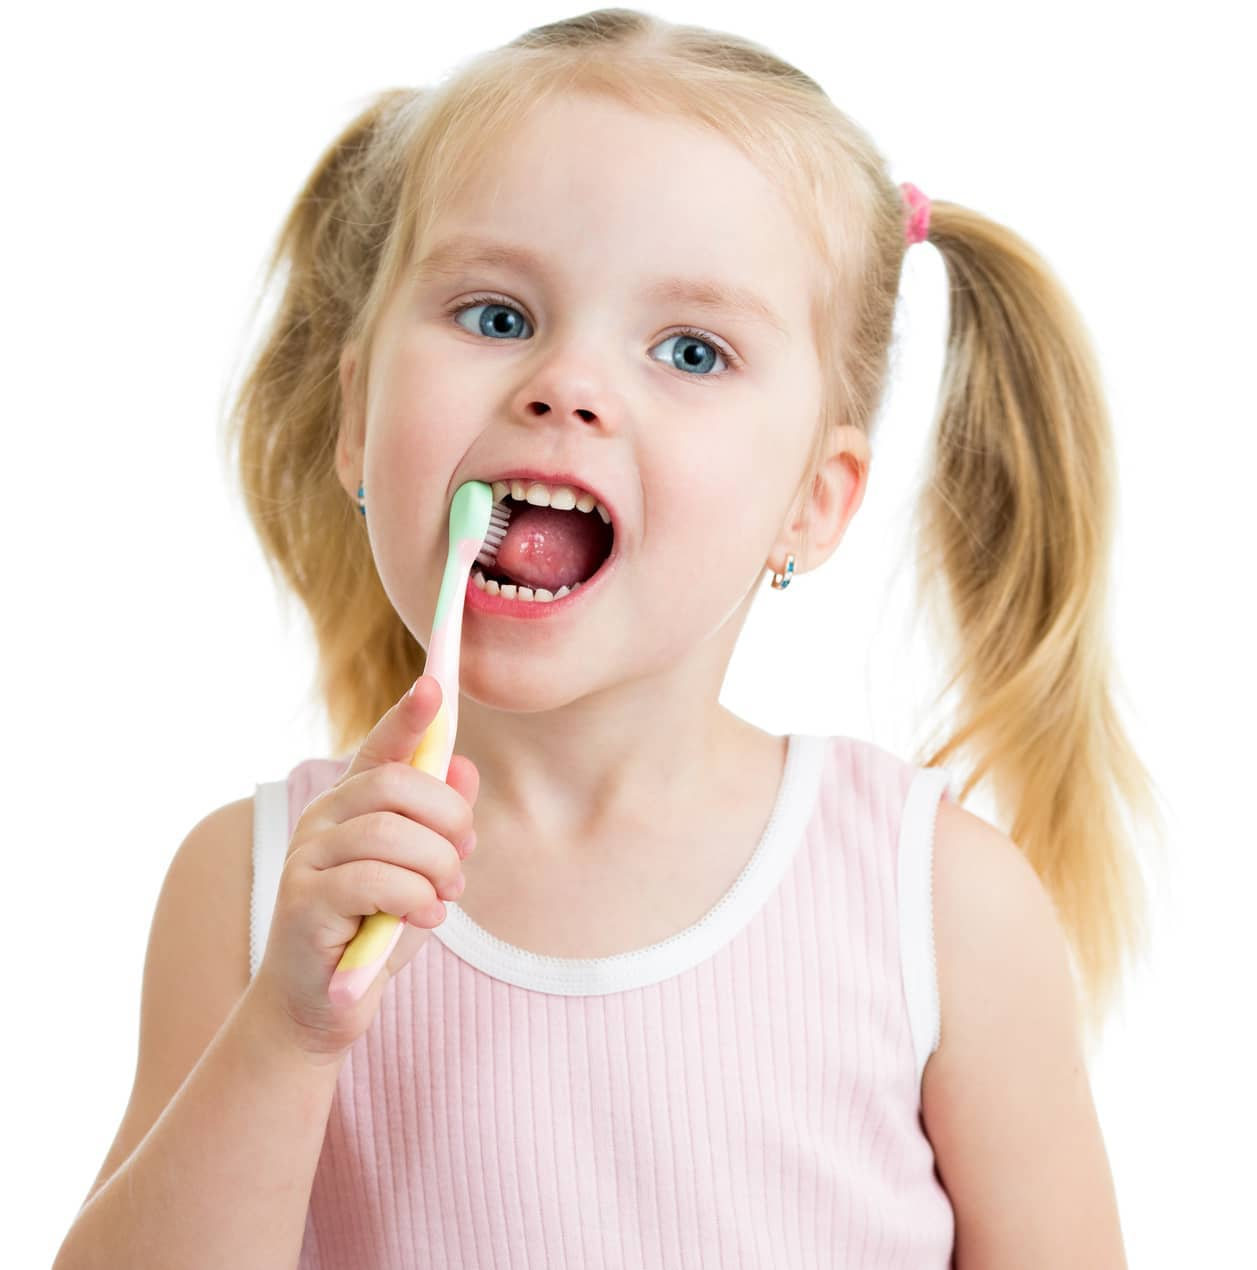 Zufriedenstellende und perfekte Kinderbehandlung